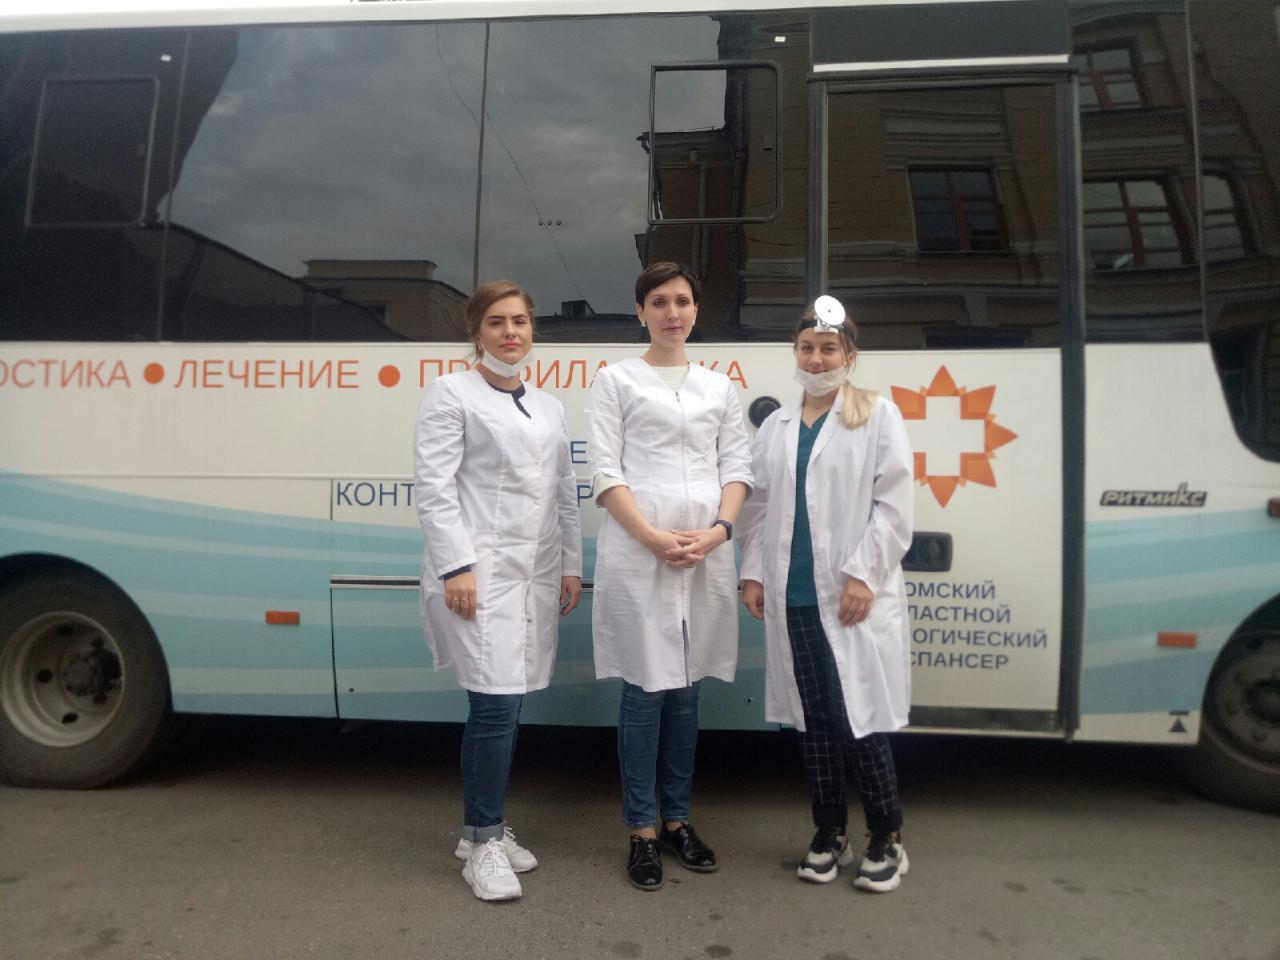 Более 350 человек приняли участие в профилактической акции Томского областного онкодиспансера